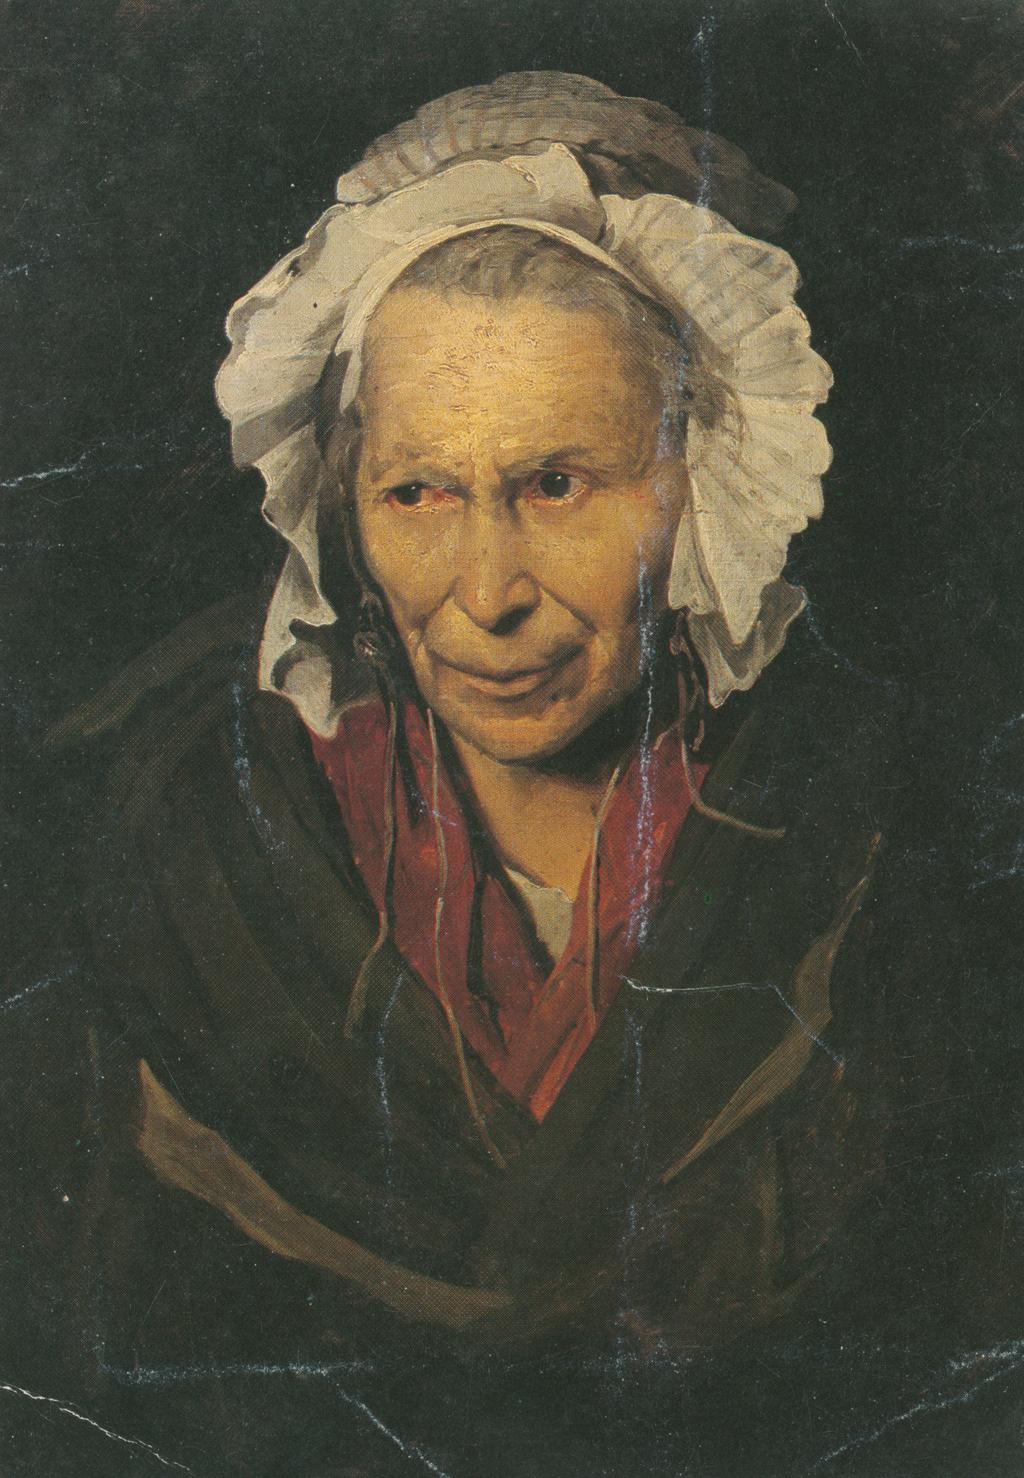 Théodore Géricault (1791-1824), La Folle, 72 x 58cm. Musée des Beaux Arts, Lyon